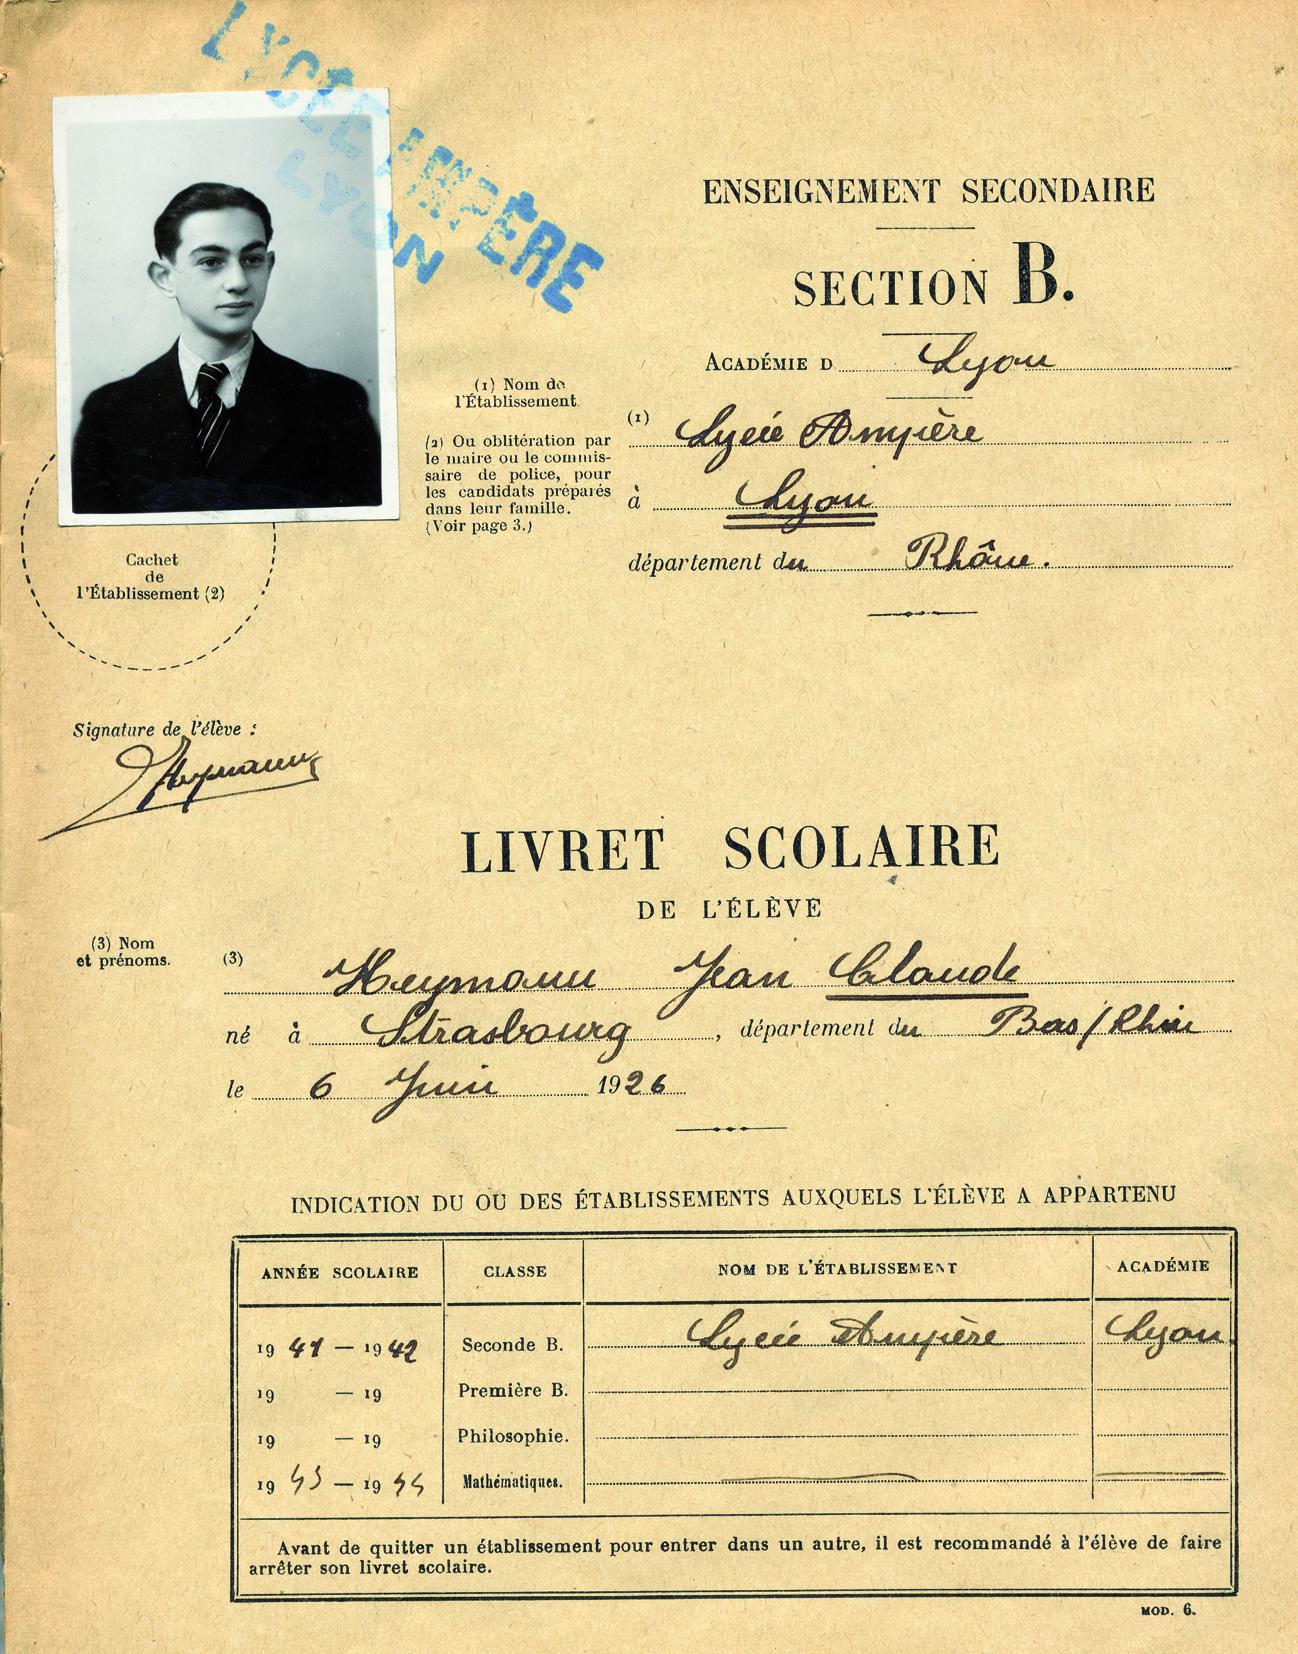 Heymann-Claude4 (Livret scolaire)